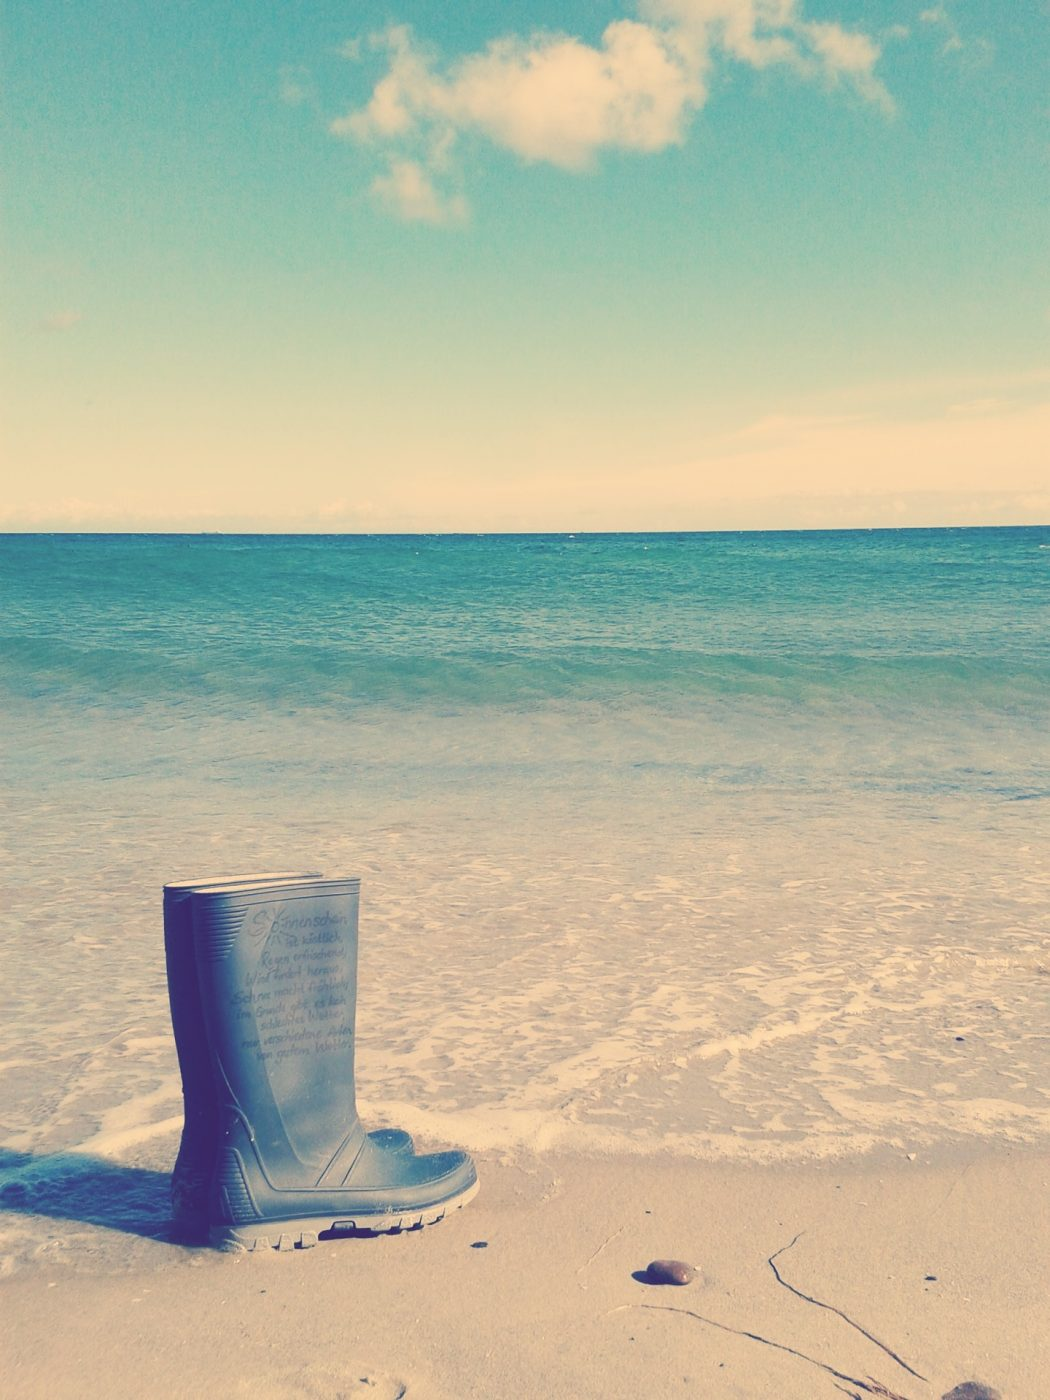 Gummistiefel am Meer